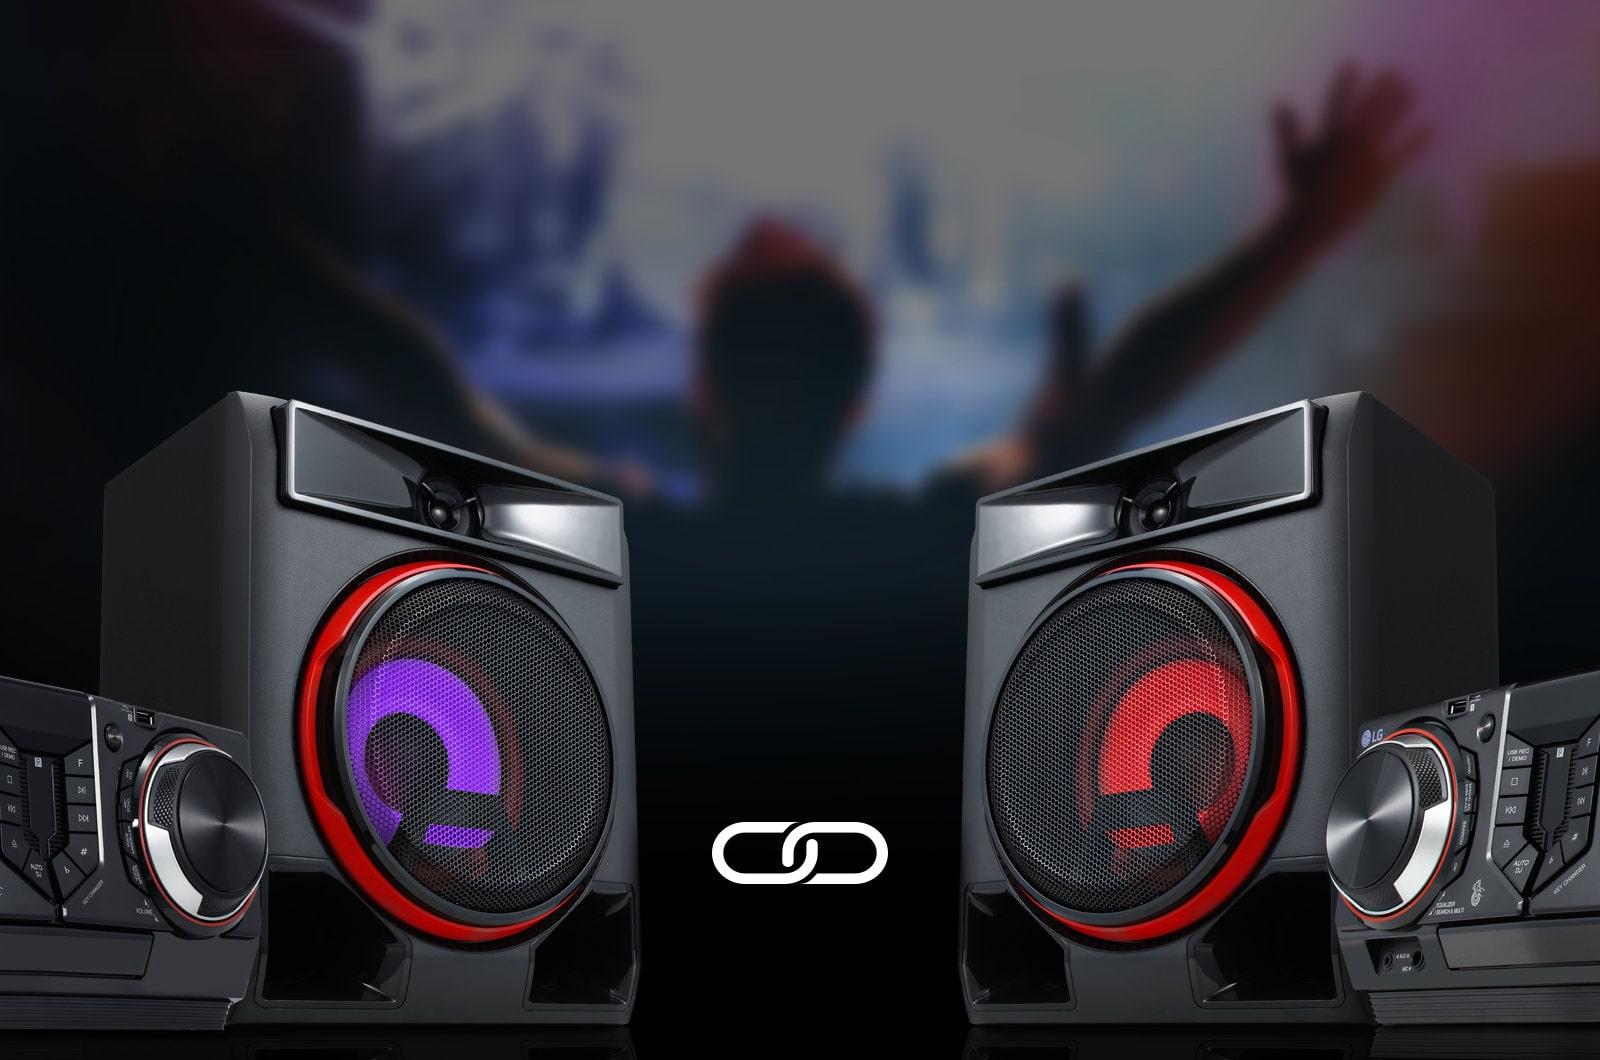 Удвой звук с помощью Wireless Party Link